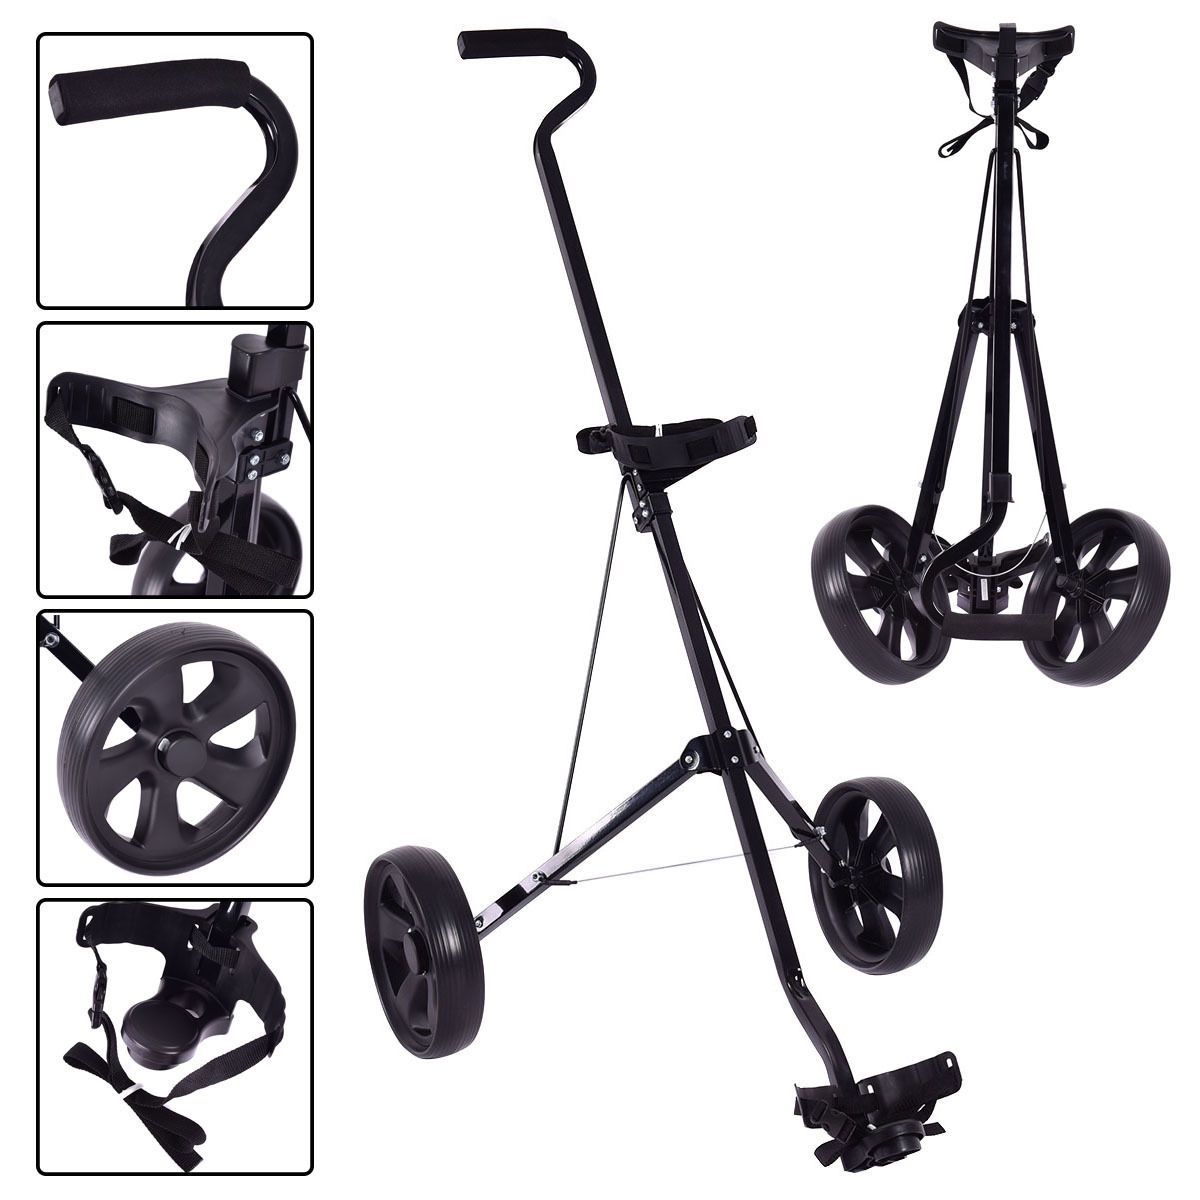 Foldable 2 Wheels Push Pull Golf Club Cart Trolley Golf